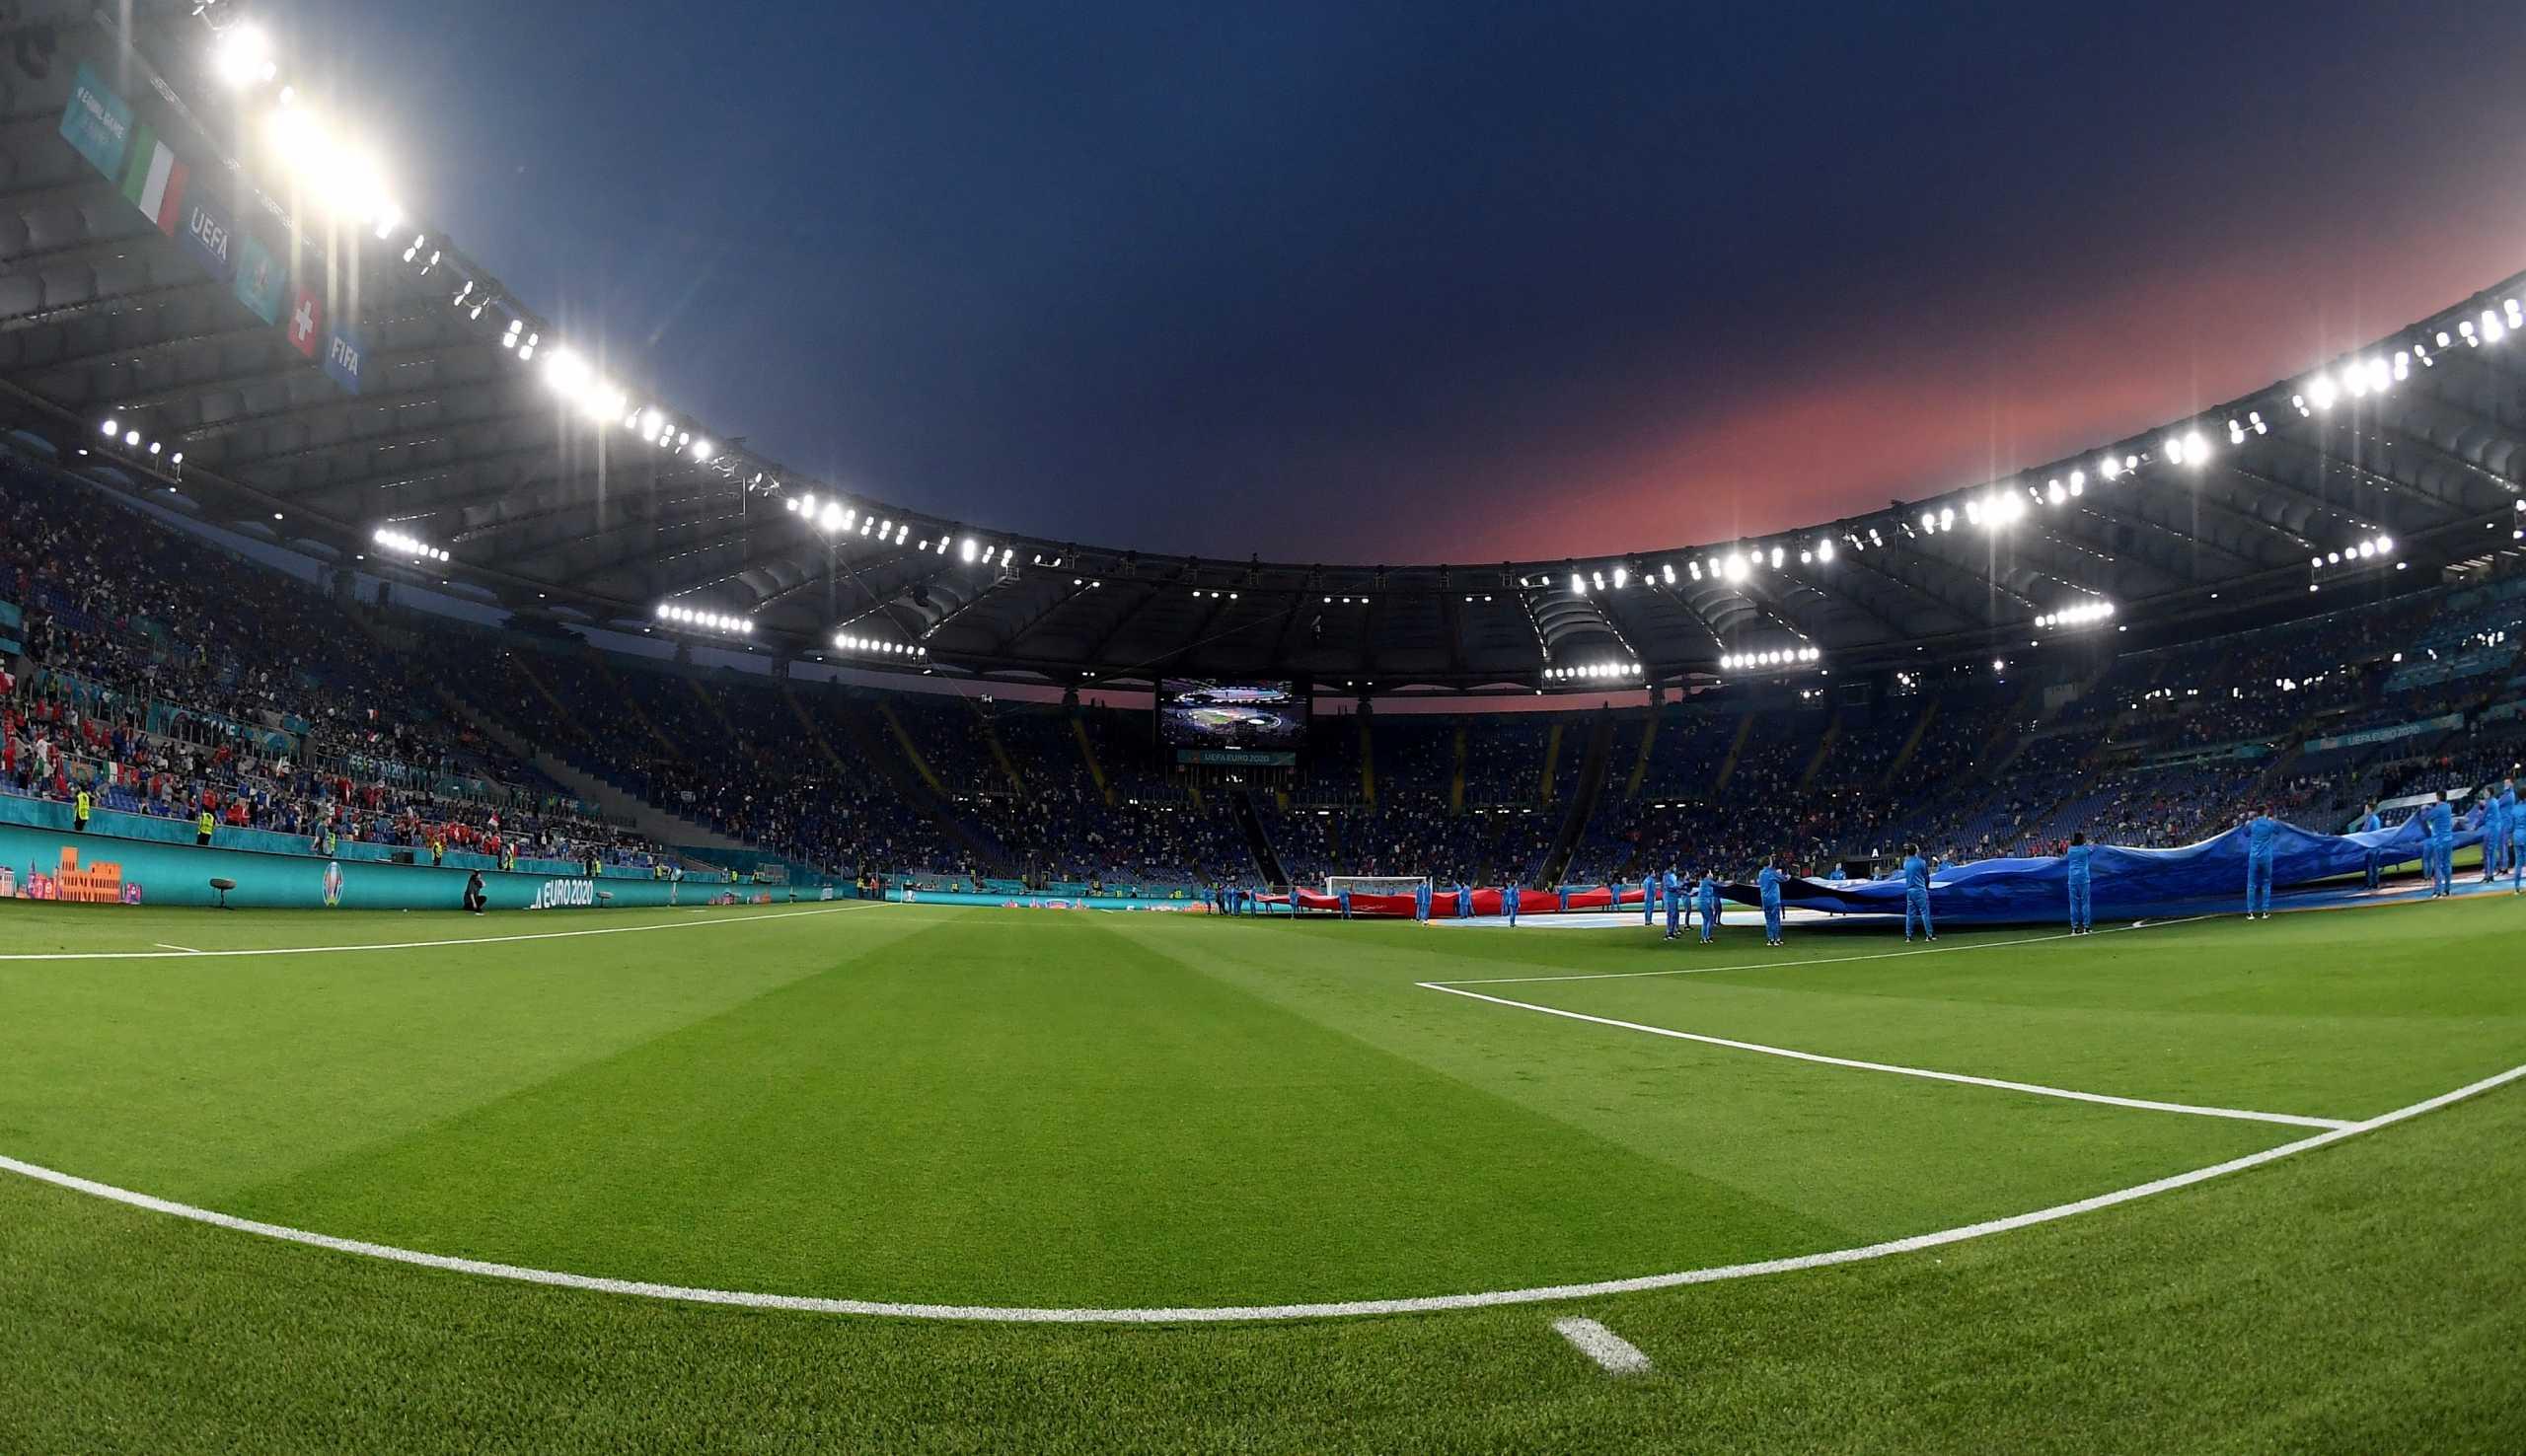 Η UEFA το ξεκαθάρισε για το Euro 2020: «Δεν αλλάζουν τα γήπεδα»